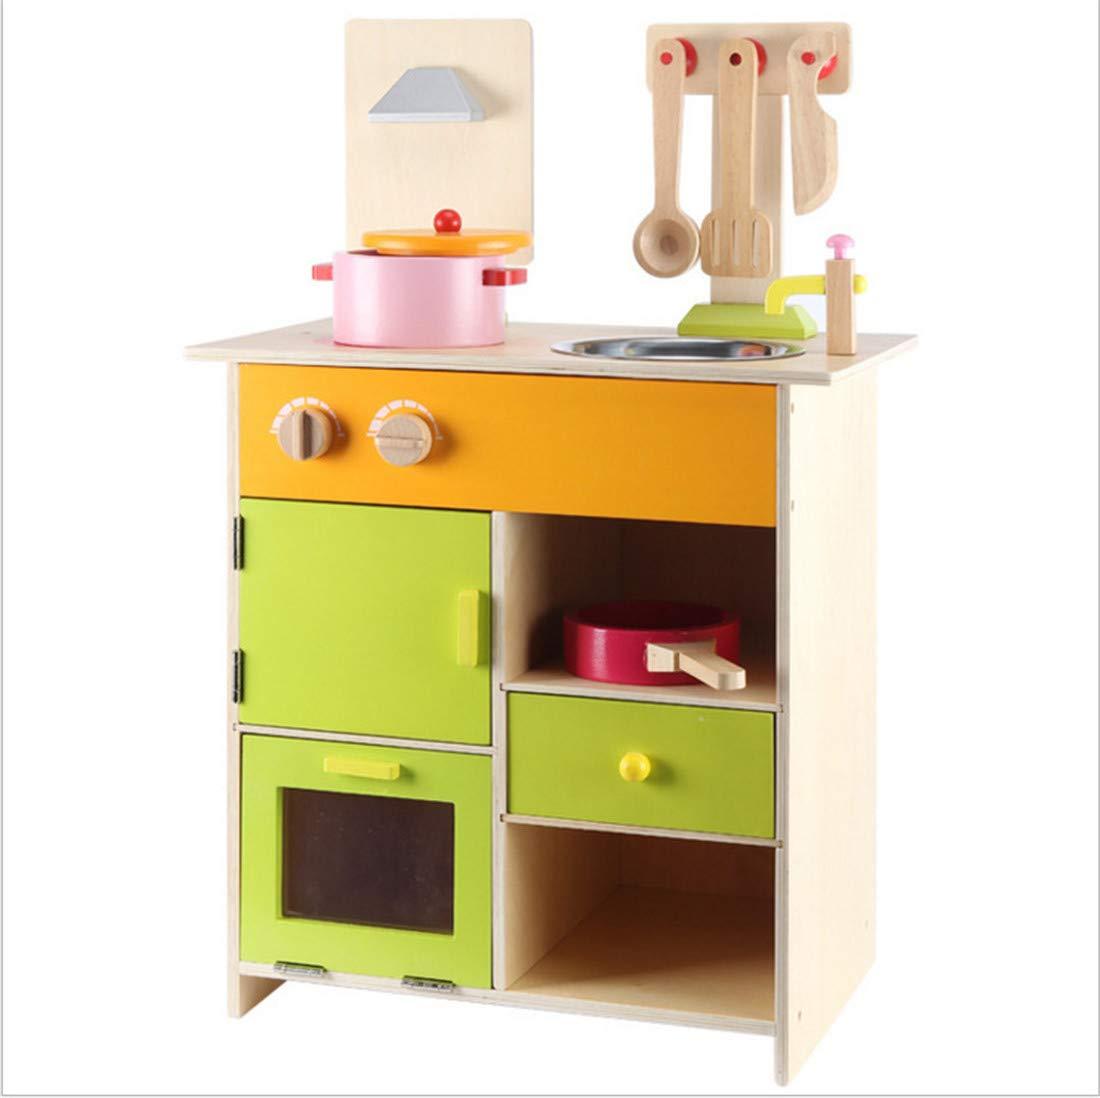 Kinderspielküche Hölzern KüChenzubehöR Mikrowelle Pretend KüChe Lebensmittel Lebensmittel Lebensmittel Kochen ZubehöR Chef Rolle Spielzeug 7ac809